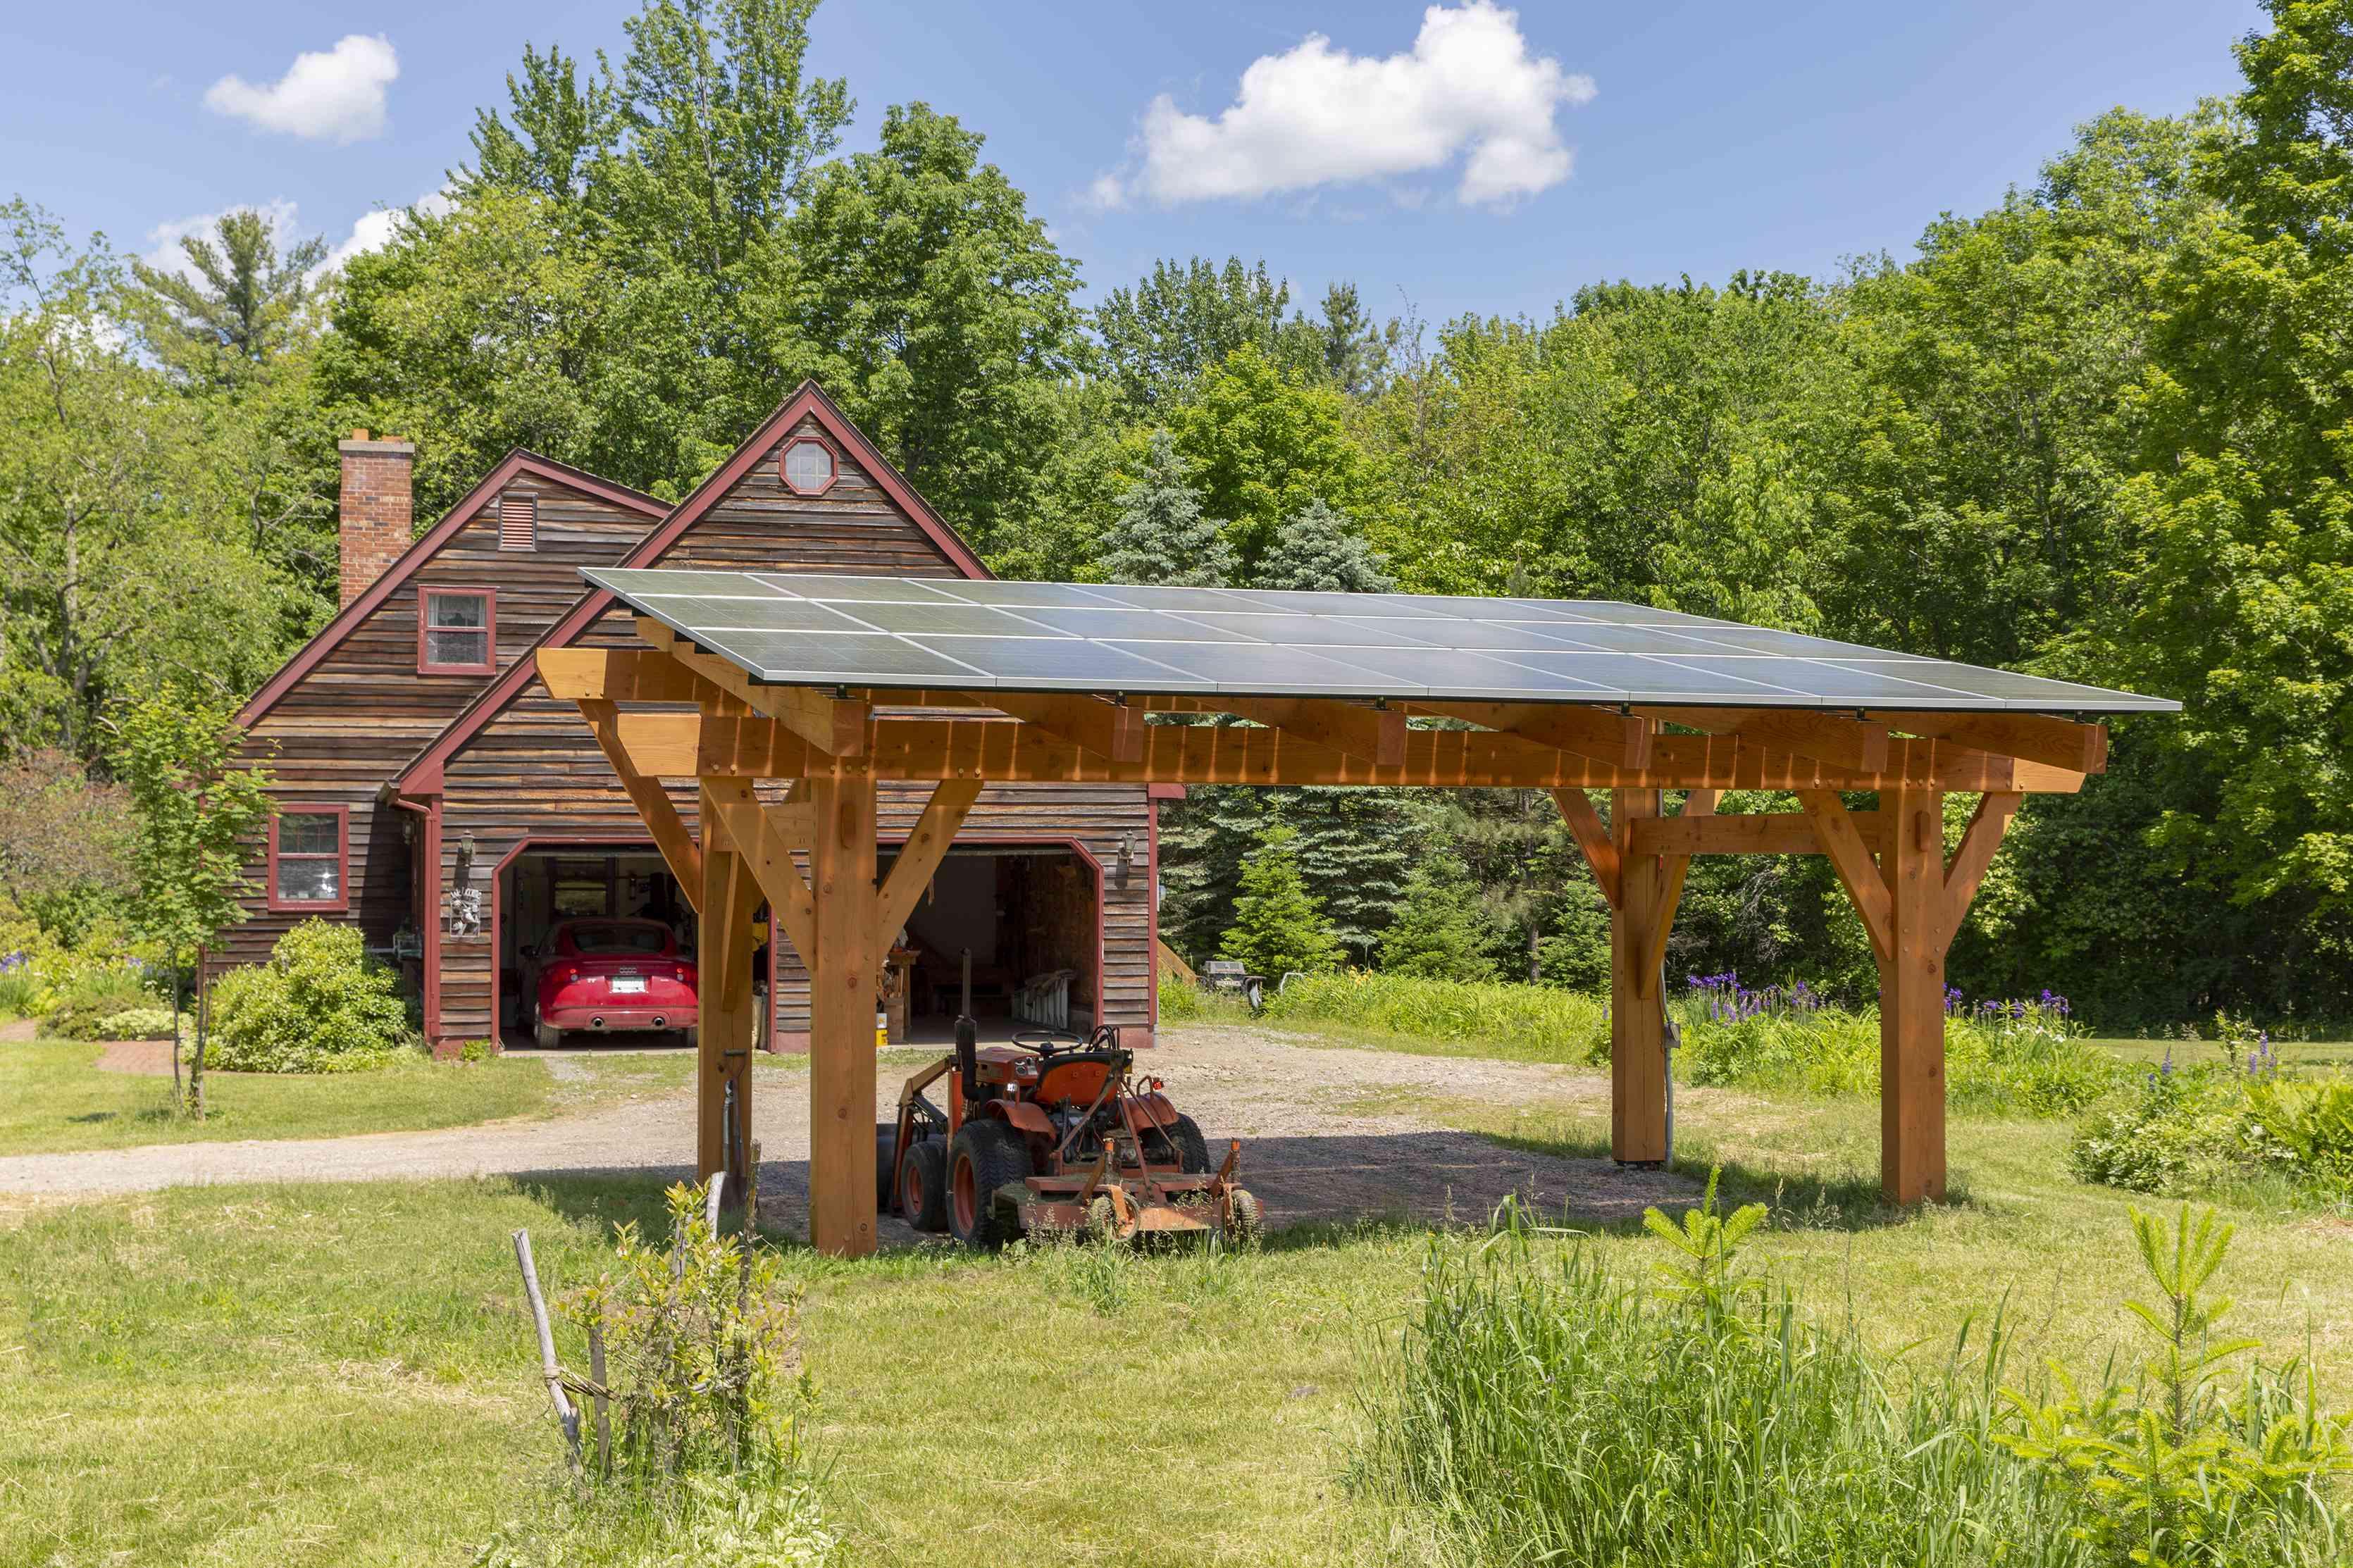 Solar canopy is storage